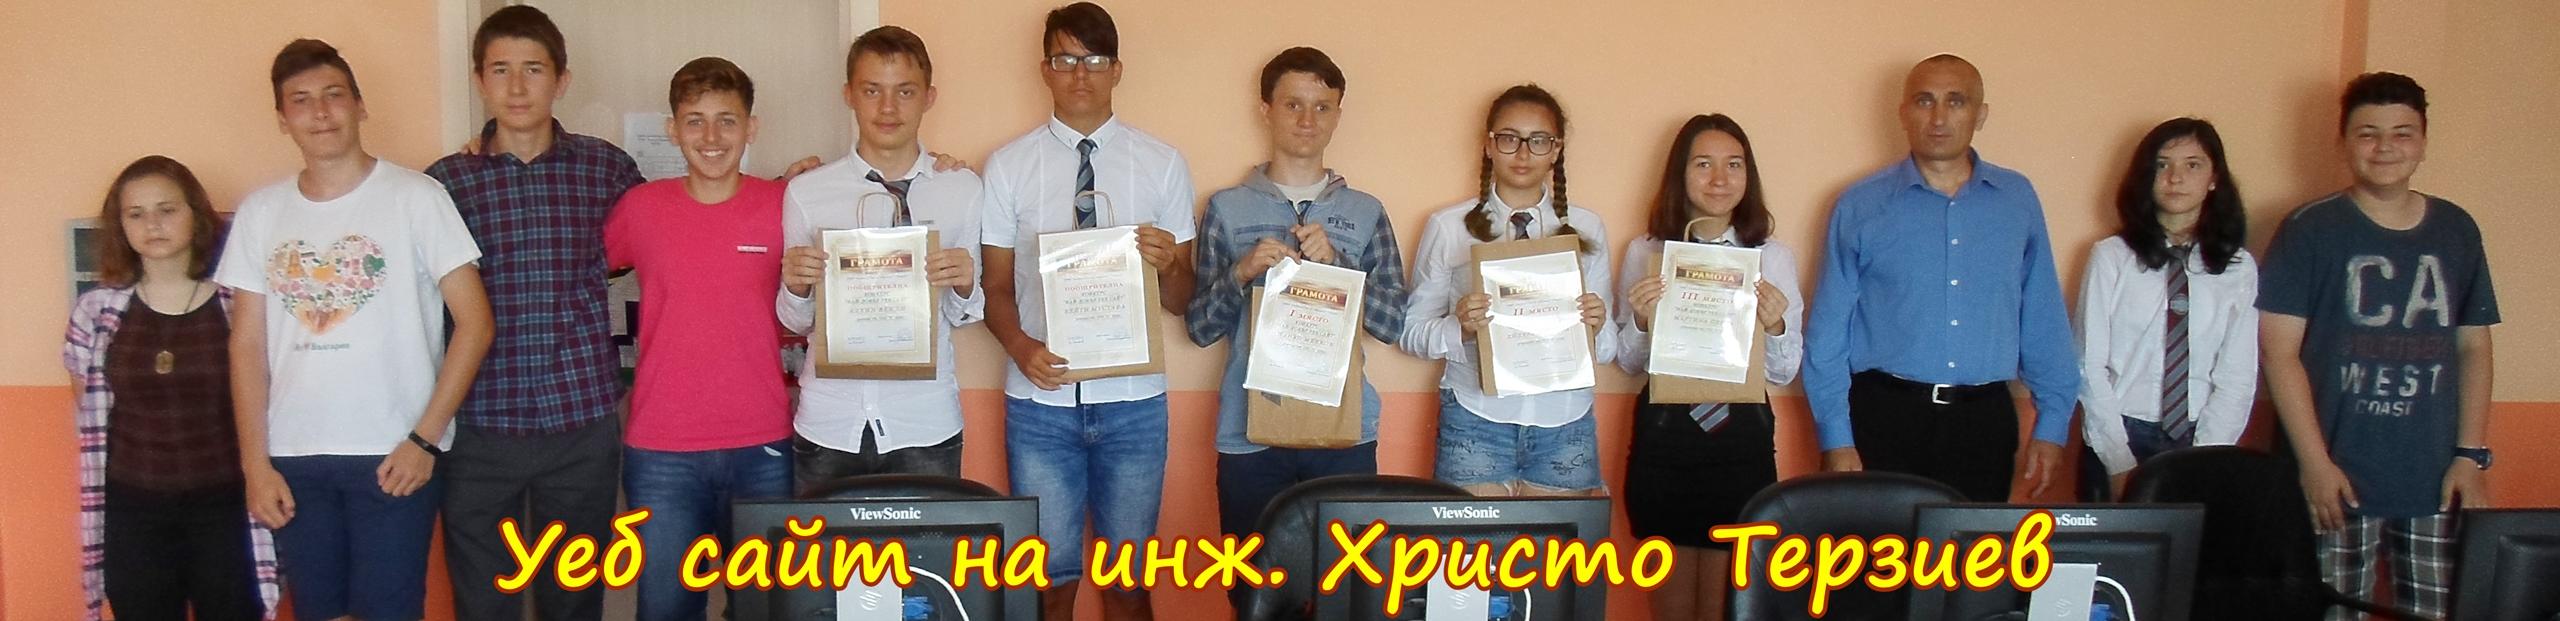 http://hristoterziev.com